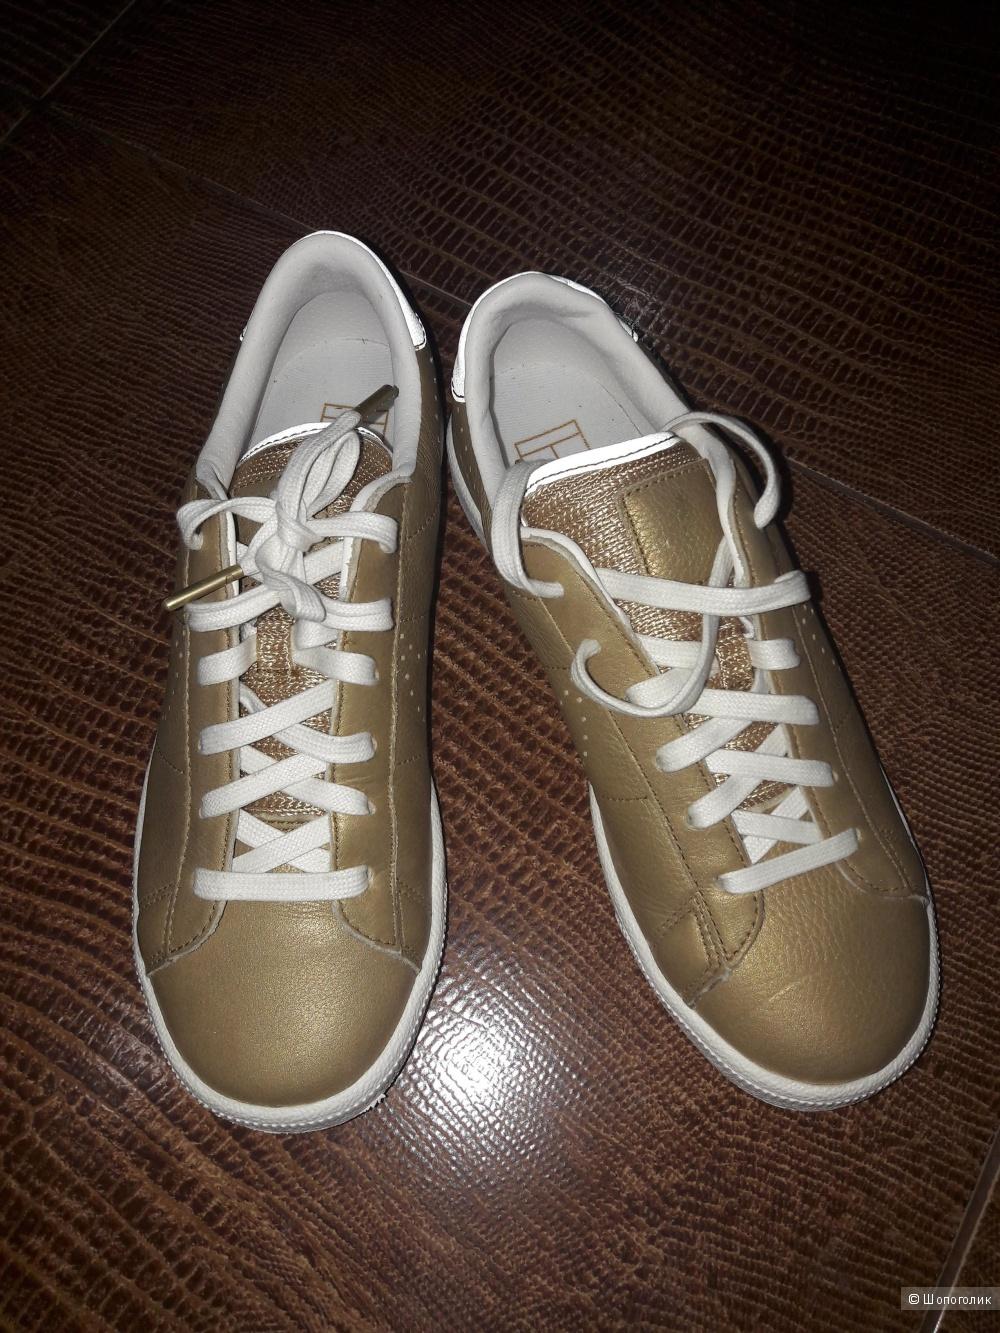 Новые кроссовки Nike. Размер российский 38.